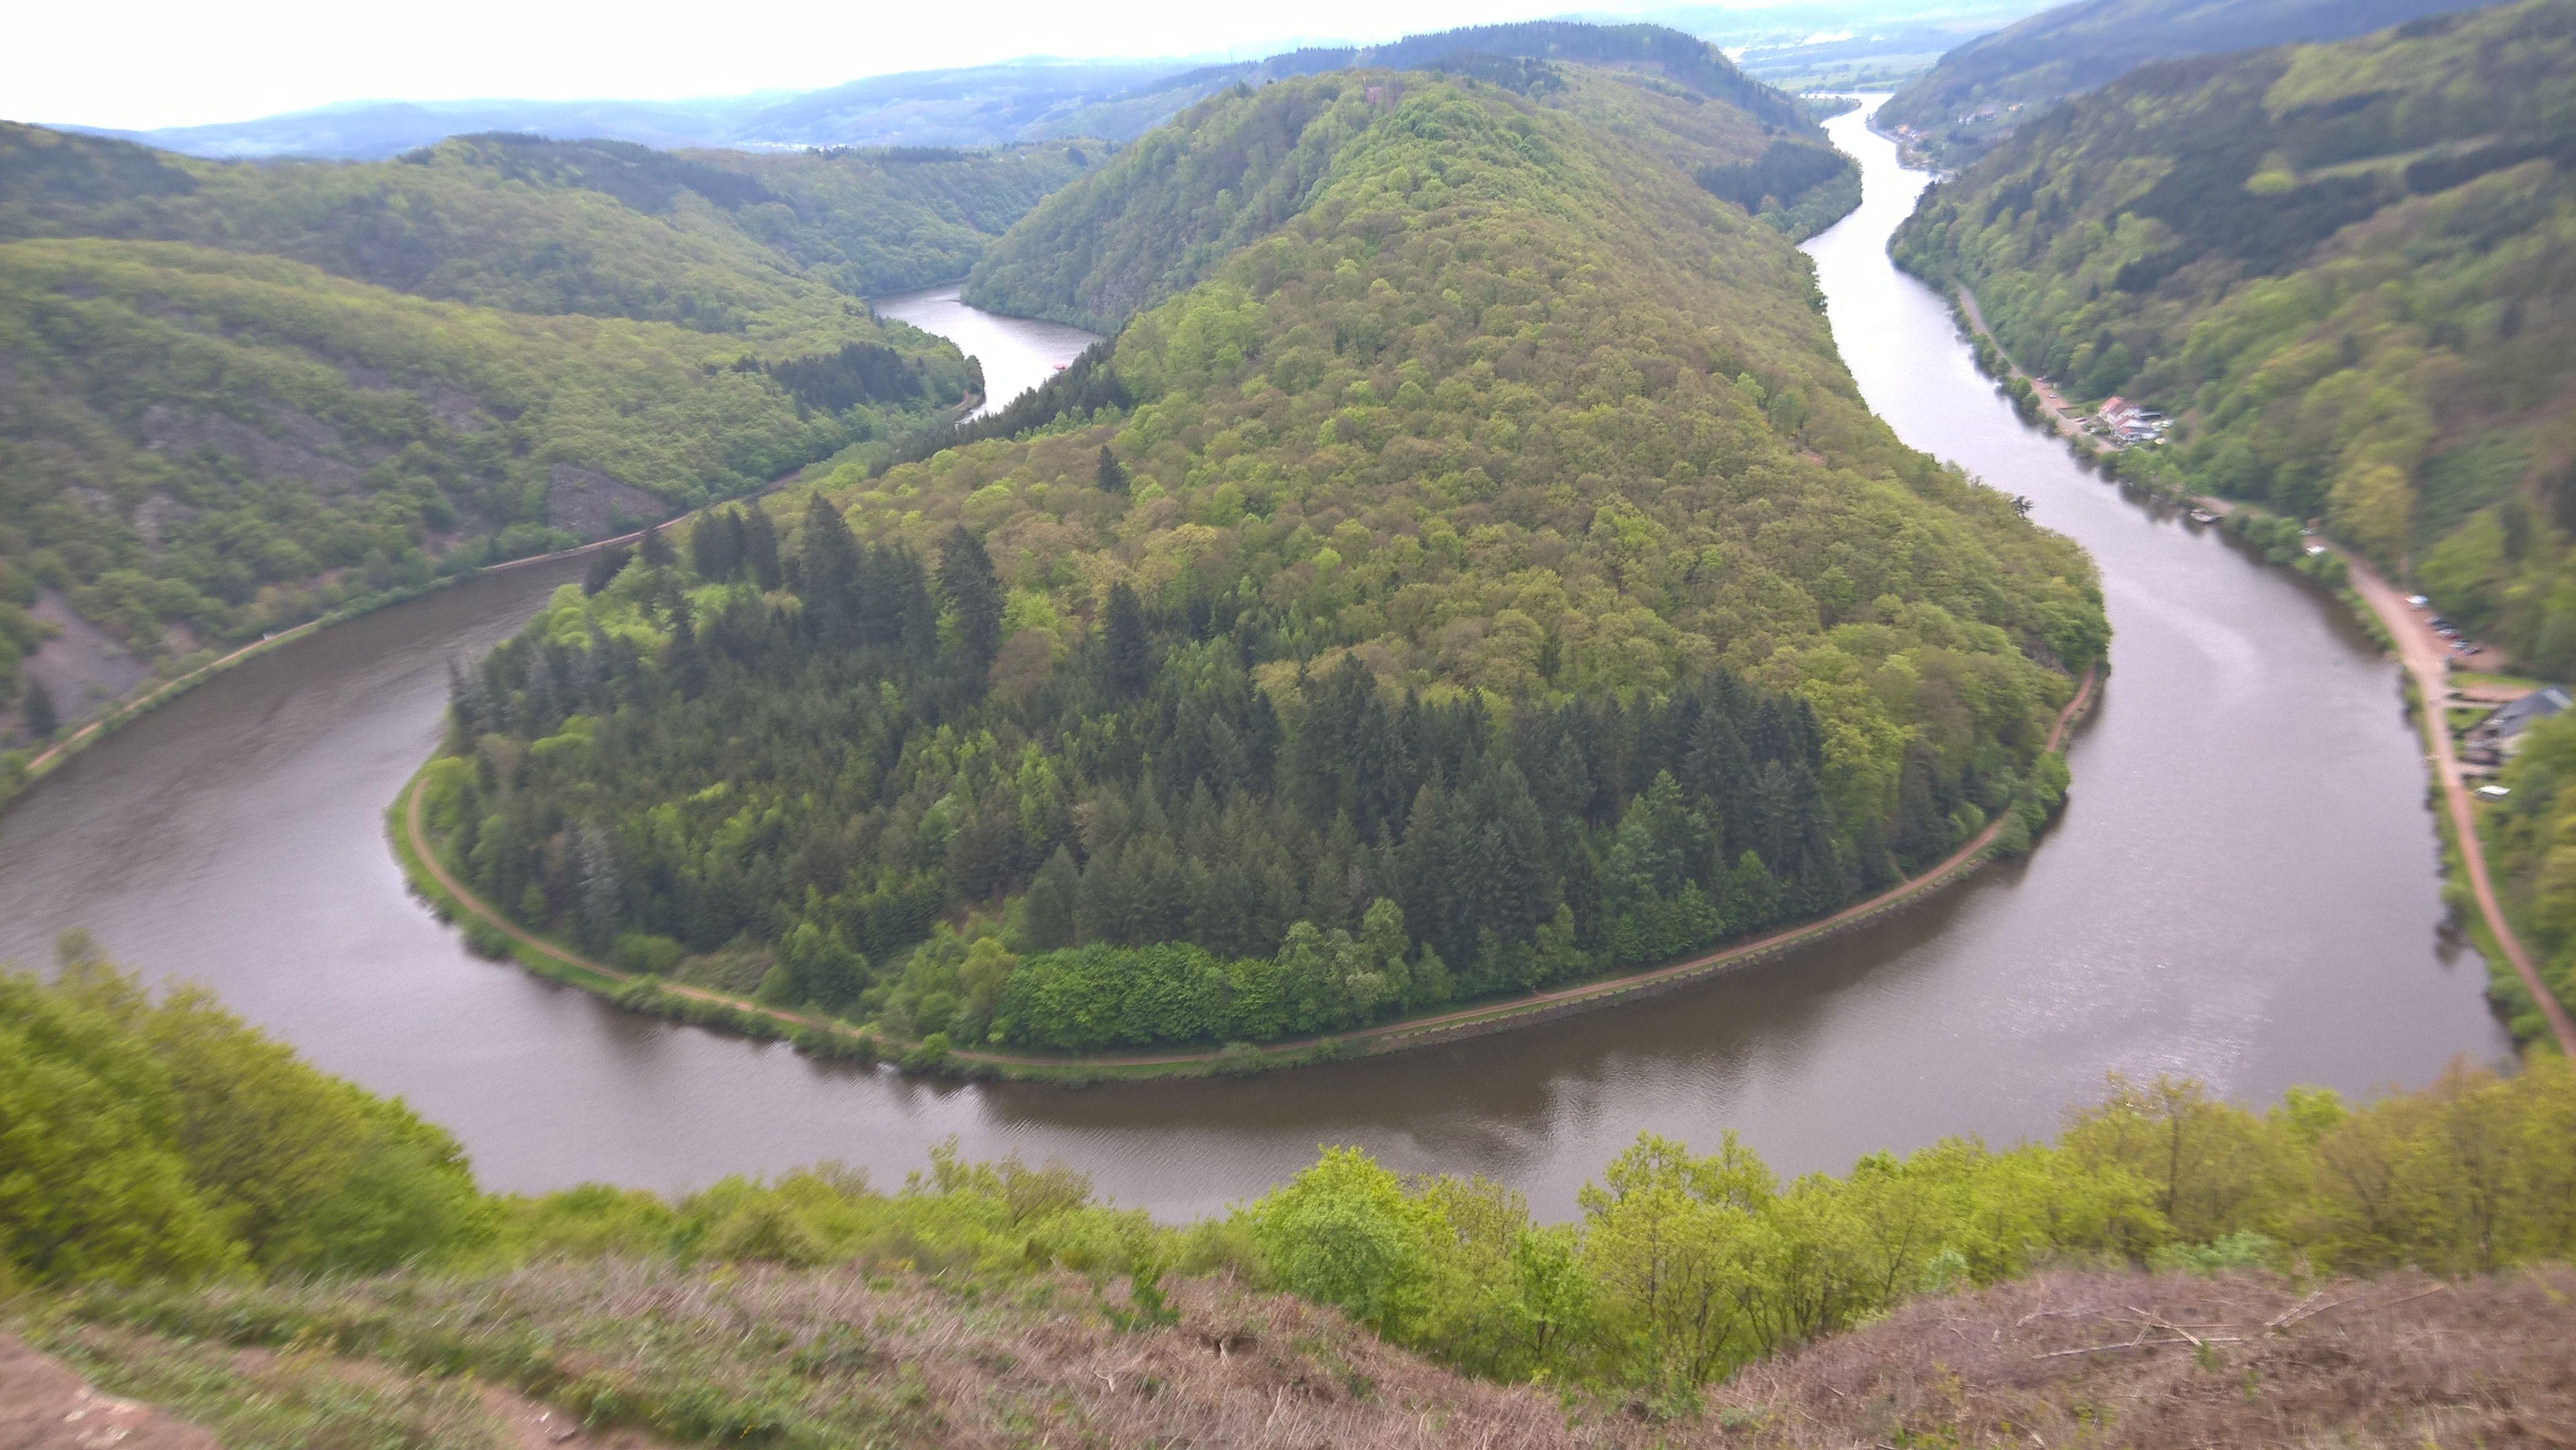 Cloef ist der Aussichtspunkt auf die Saarschleife in Orscholz, sehr schön 😊Cloef ist der Aussichtspunkt in Orscholz, sehr schön.